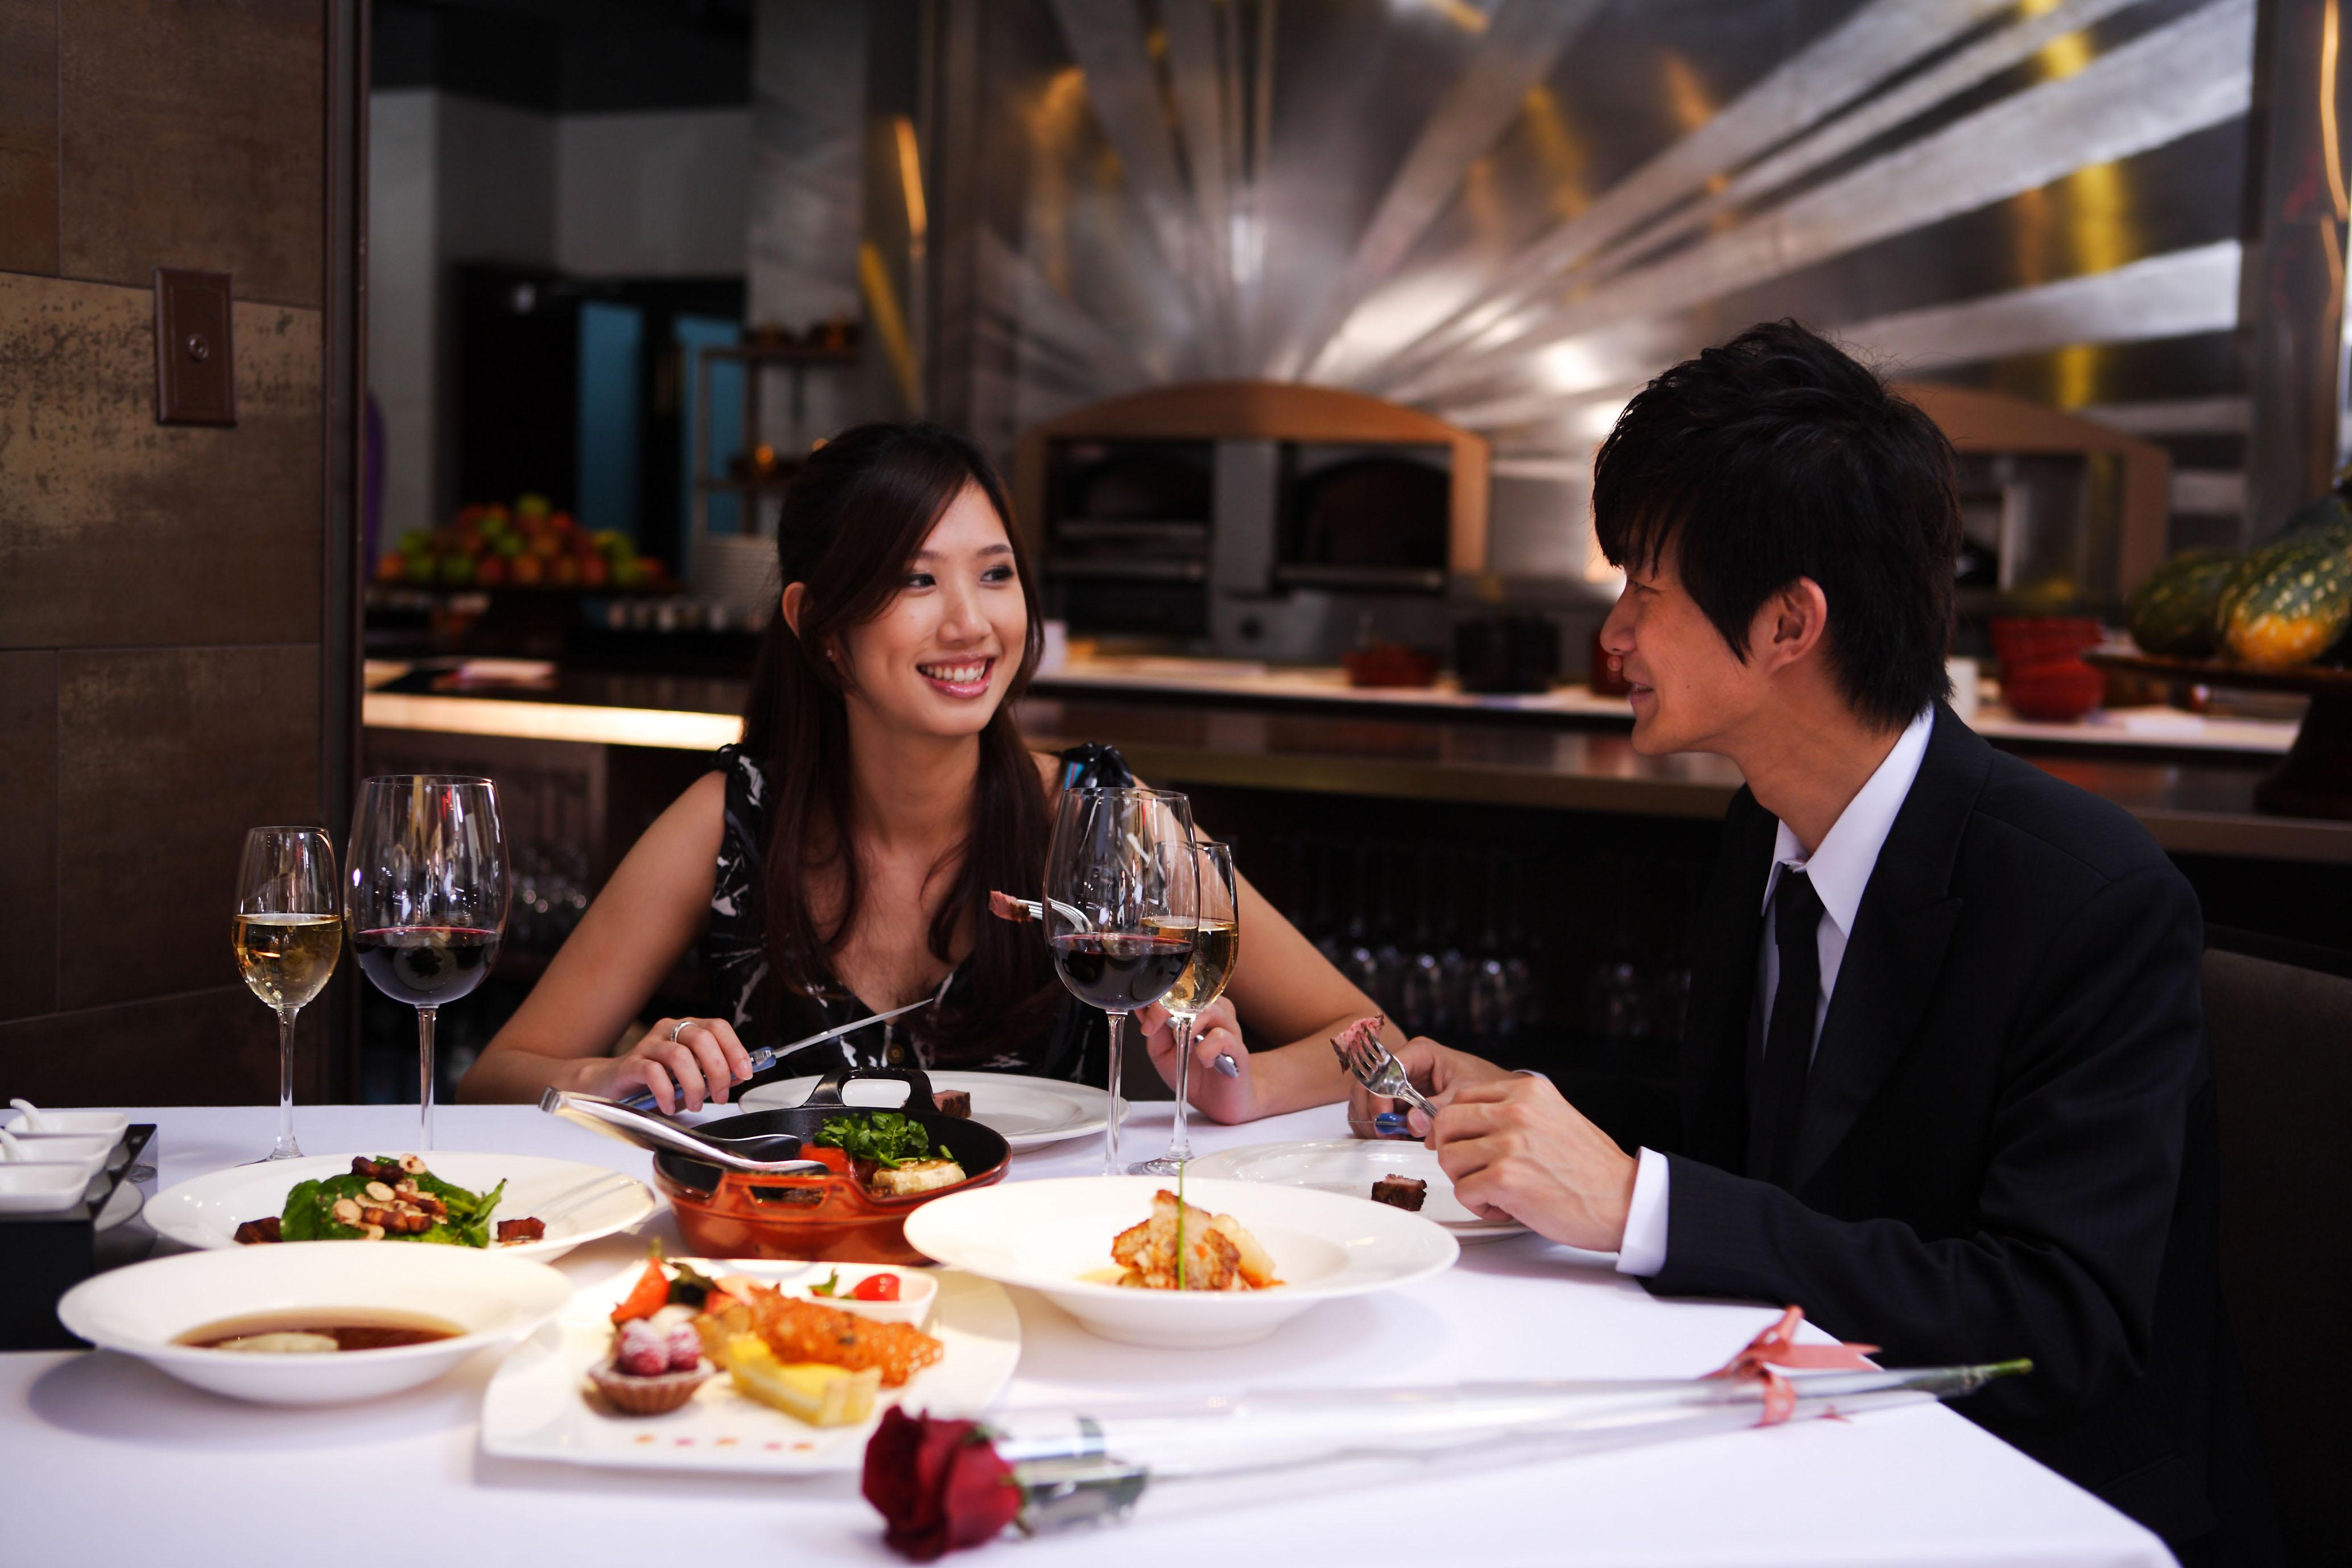 濃情蜜意 七夕中西式情人饗宴 美酒佳餚伴您浪漫情人夜